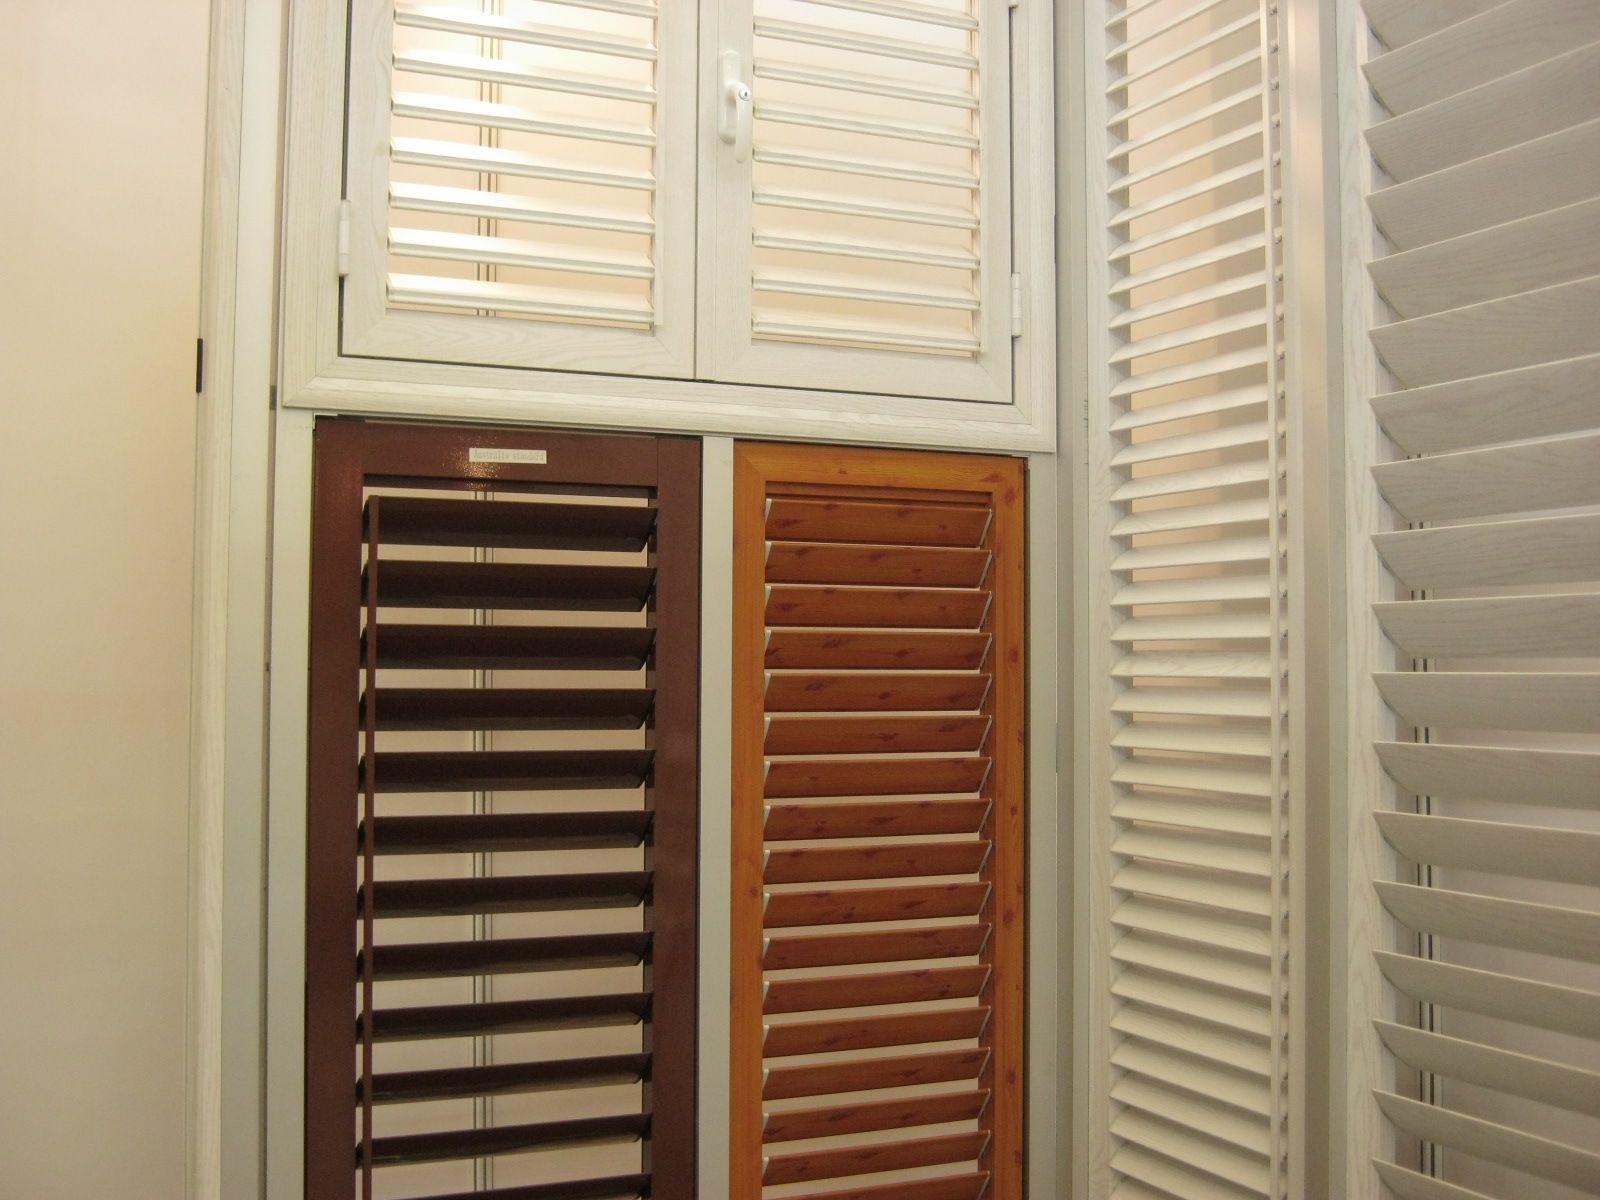 Bathroom window louvers - Window Aluminum Window Casement Window Shutter Window Louver Window Blind Shutter